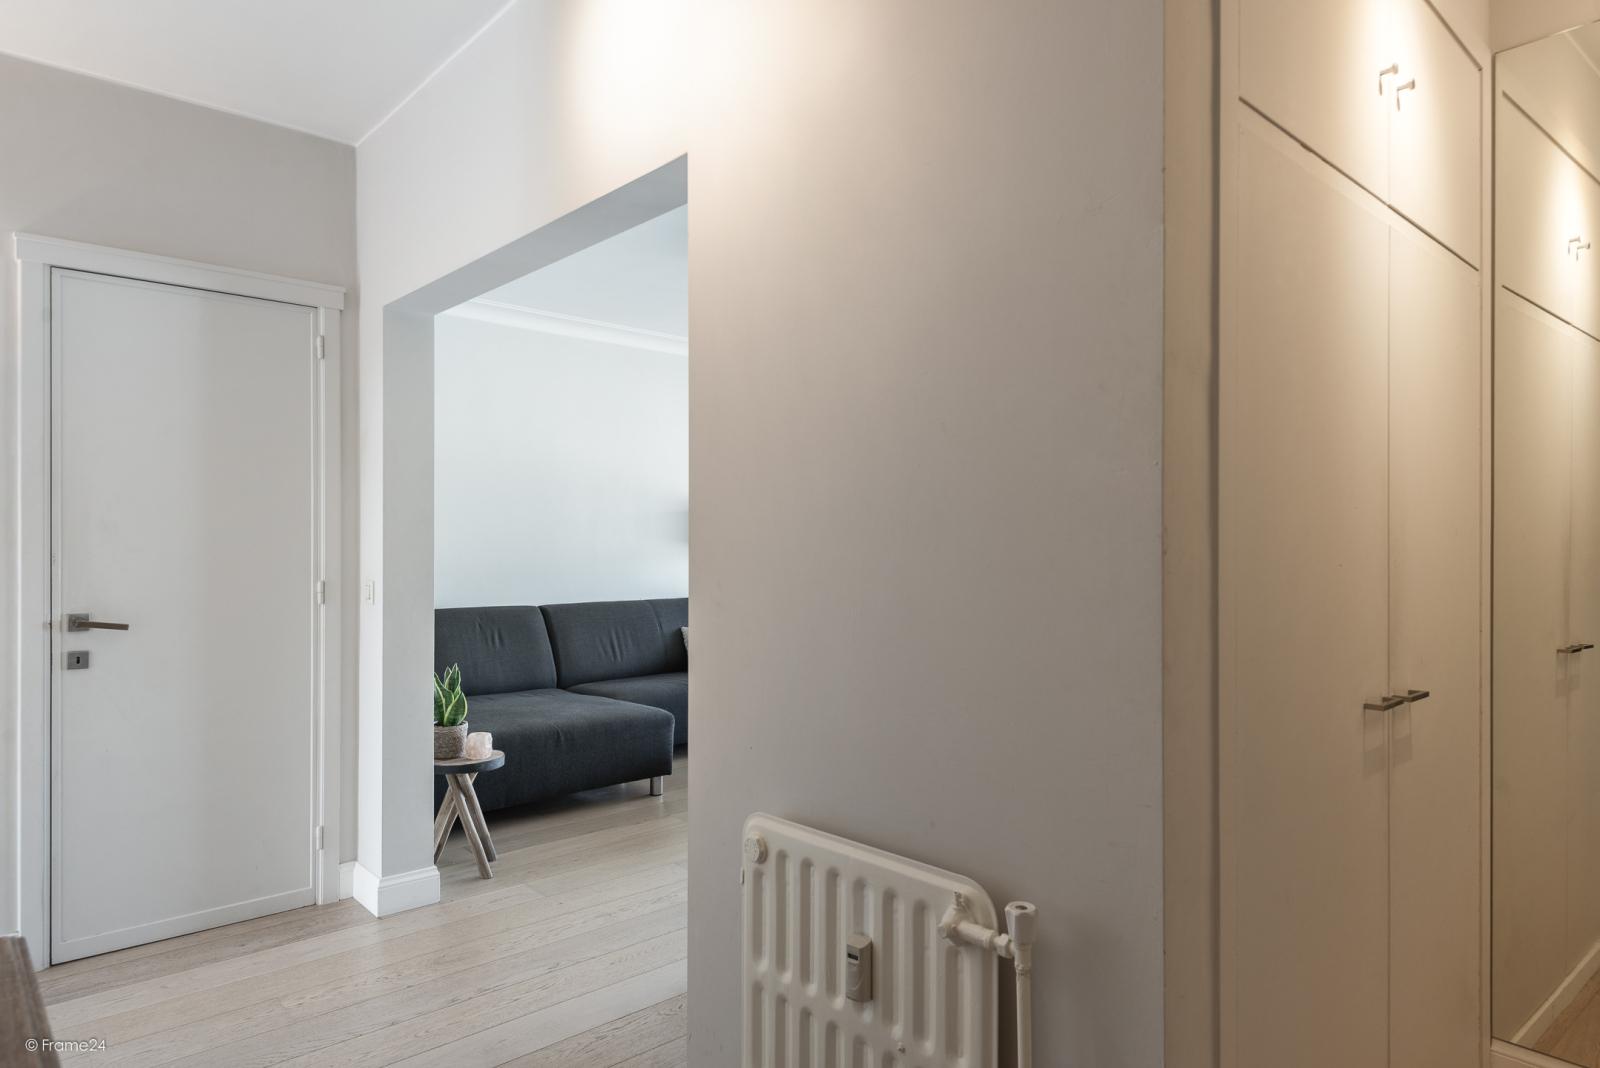 Prachtig 2-slpk appartement met lift op een goede locatie te Deurne! afbeelding 11